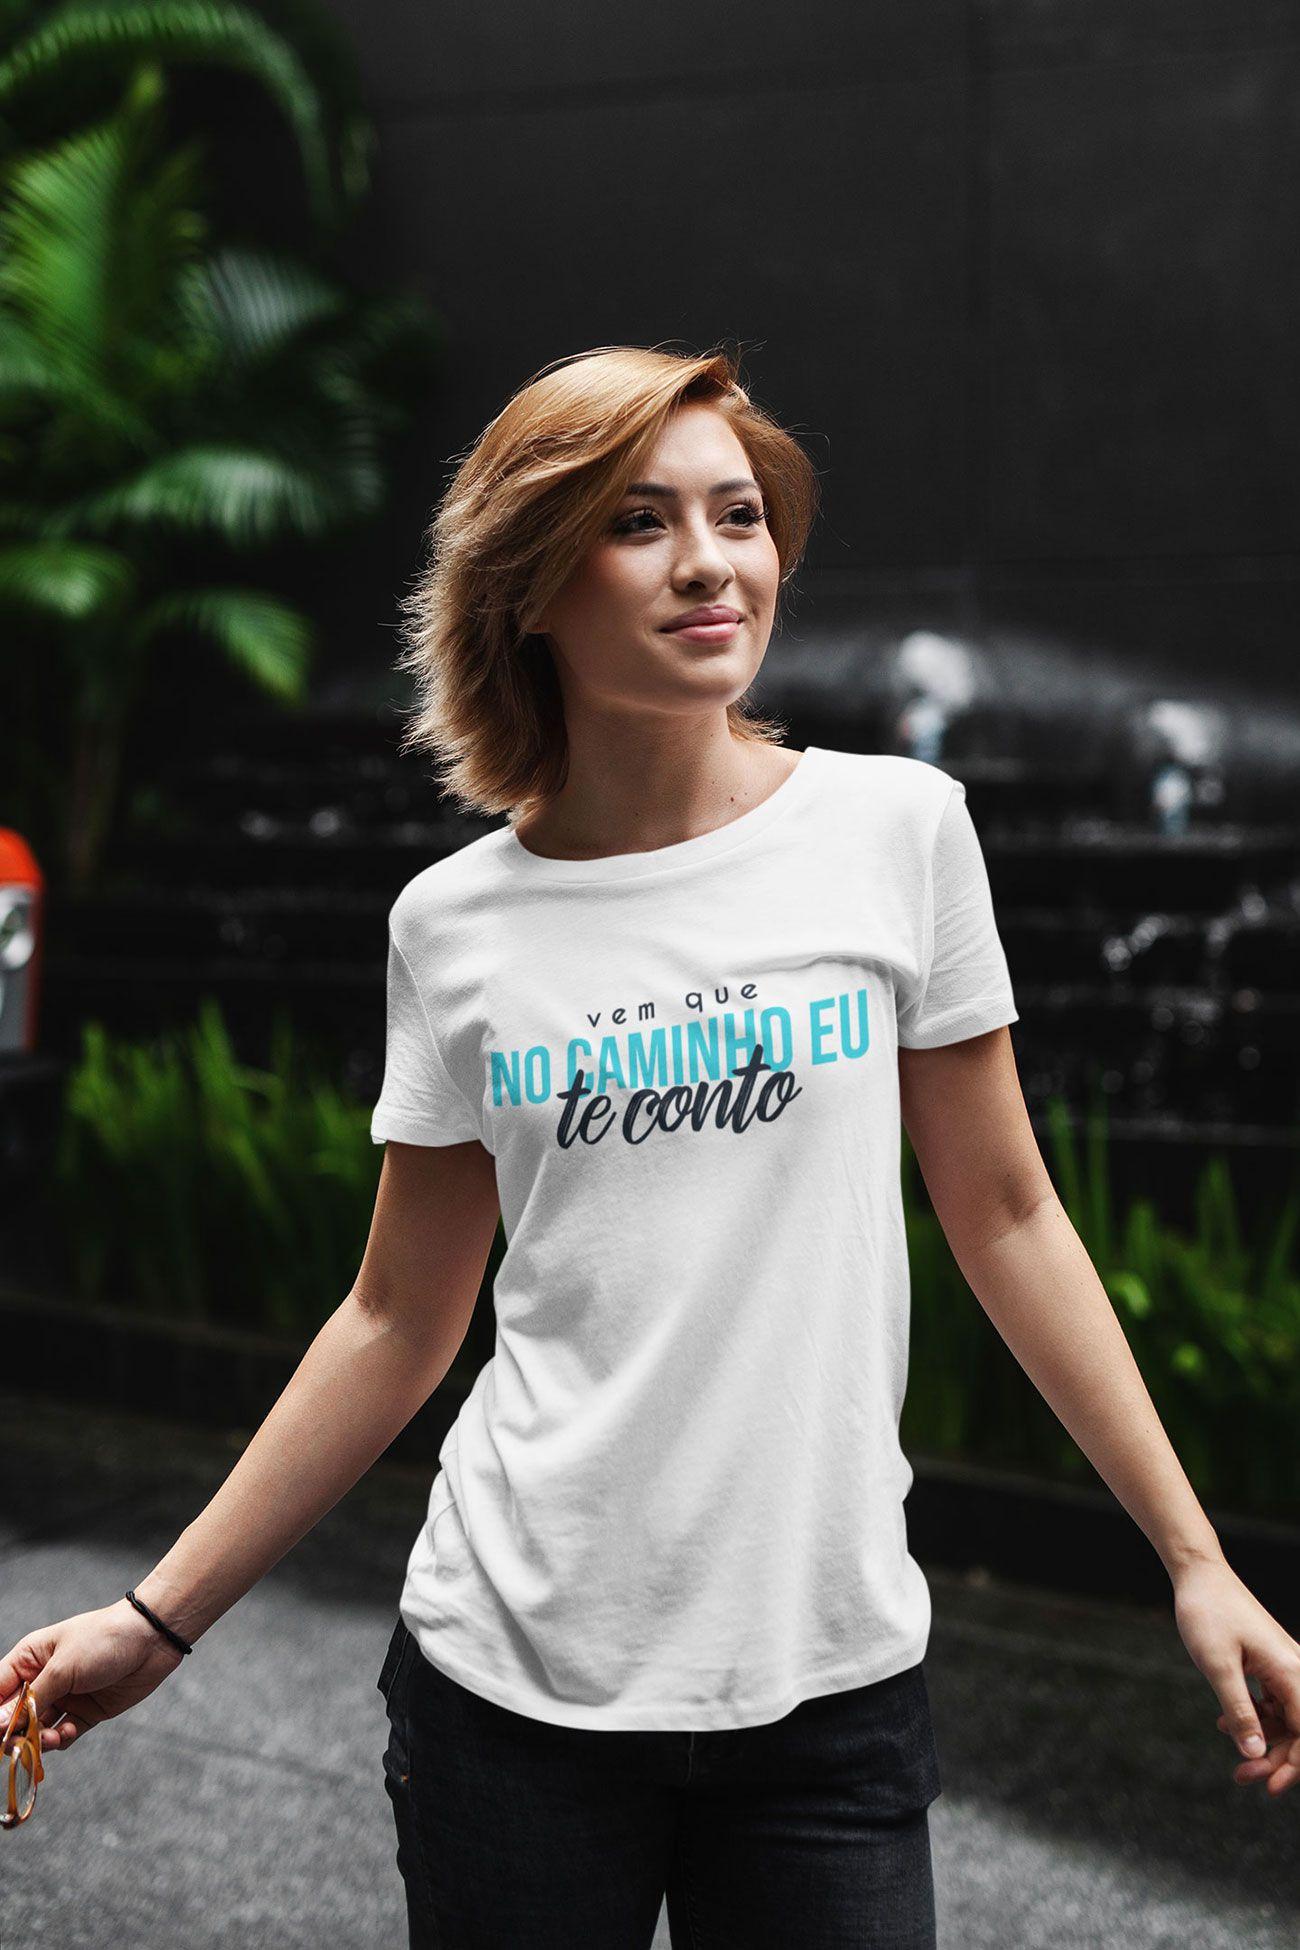 Camiseta Feminina Vem Que No Caminho Eu Te Conto